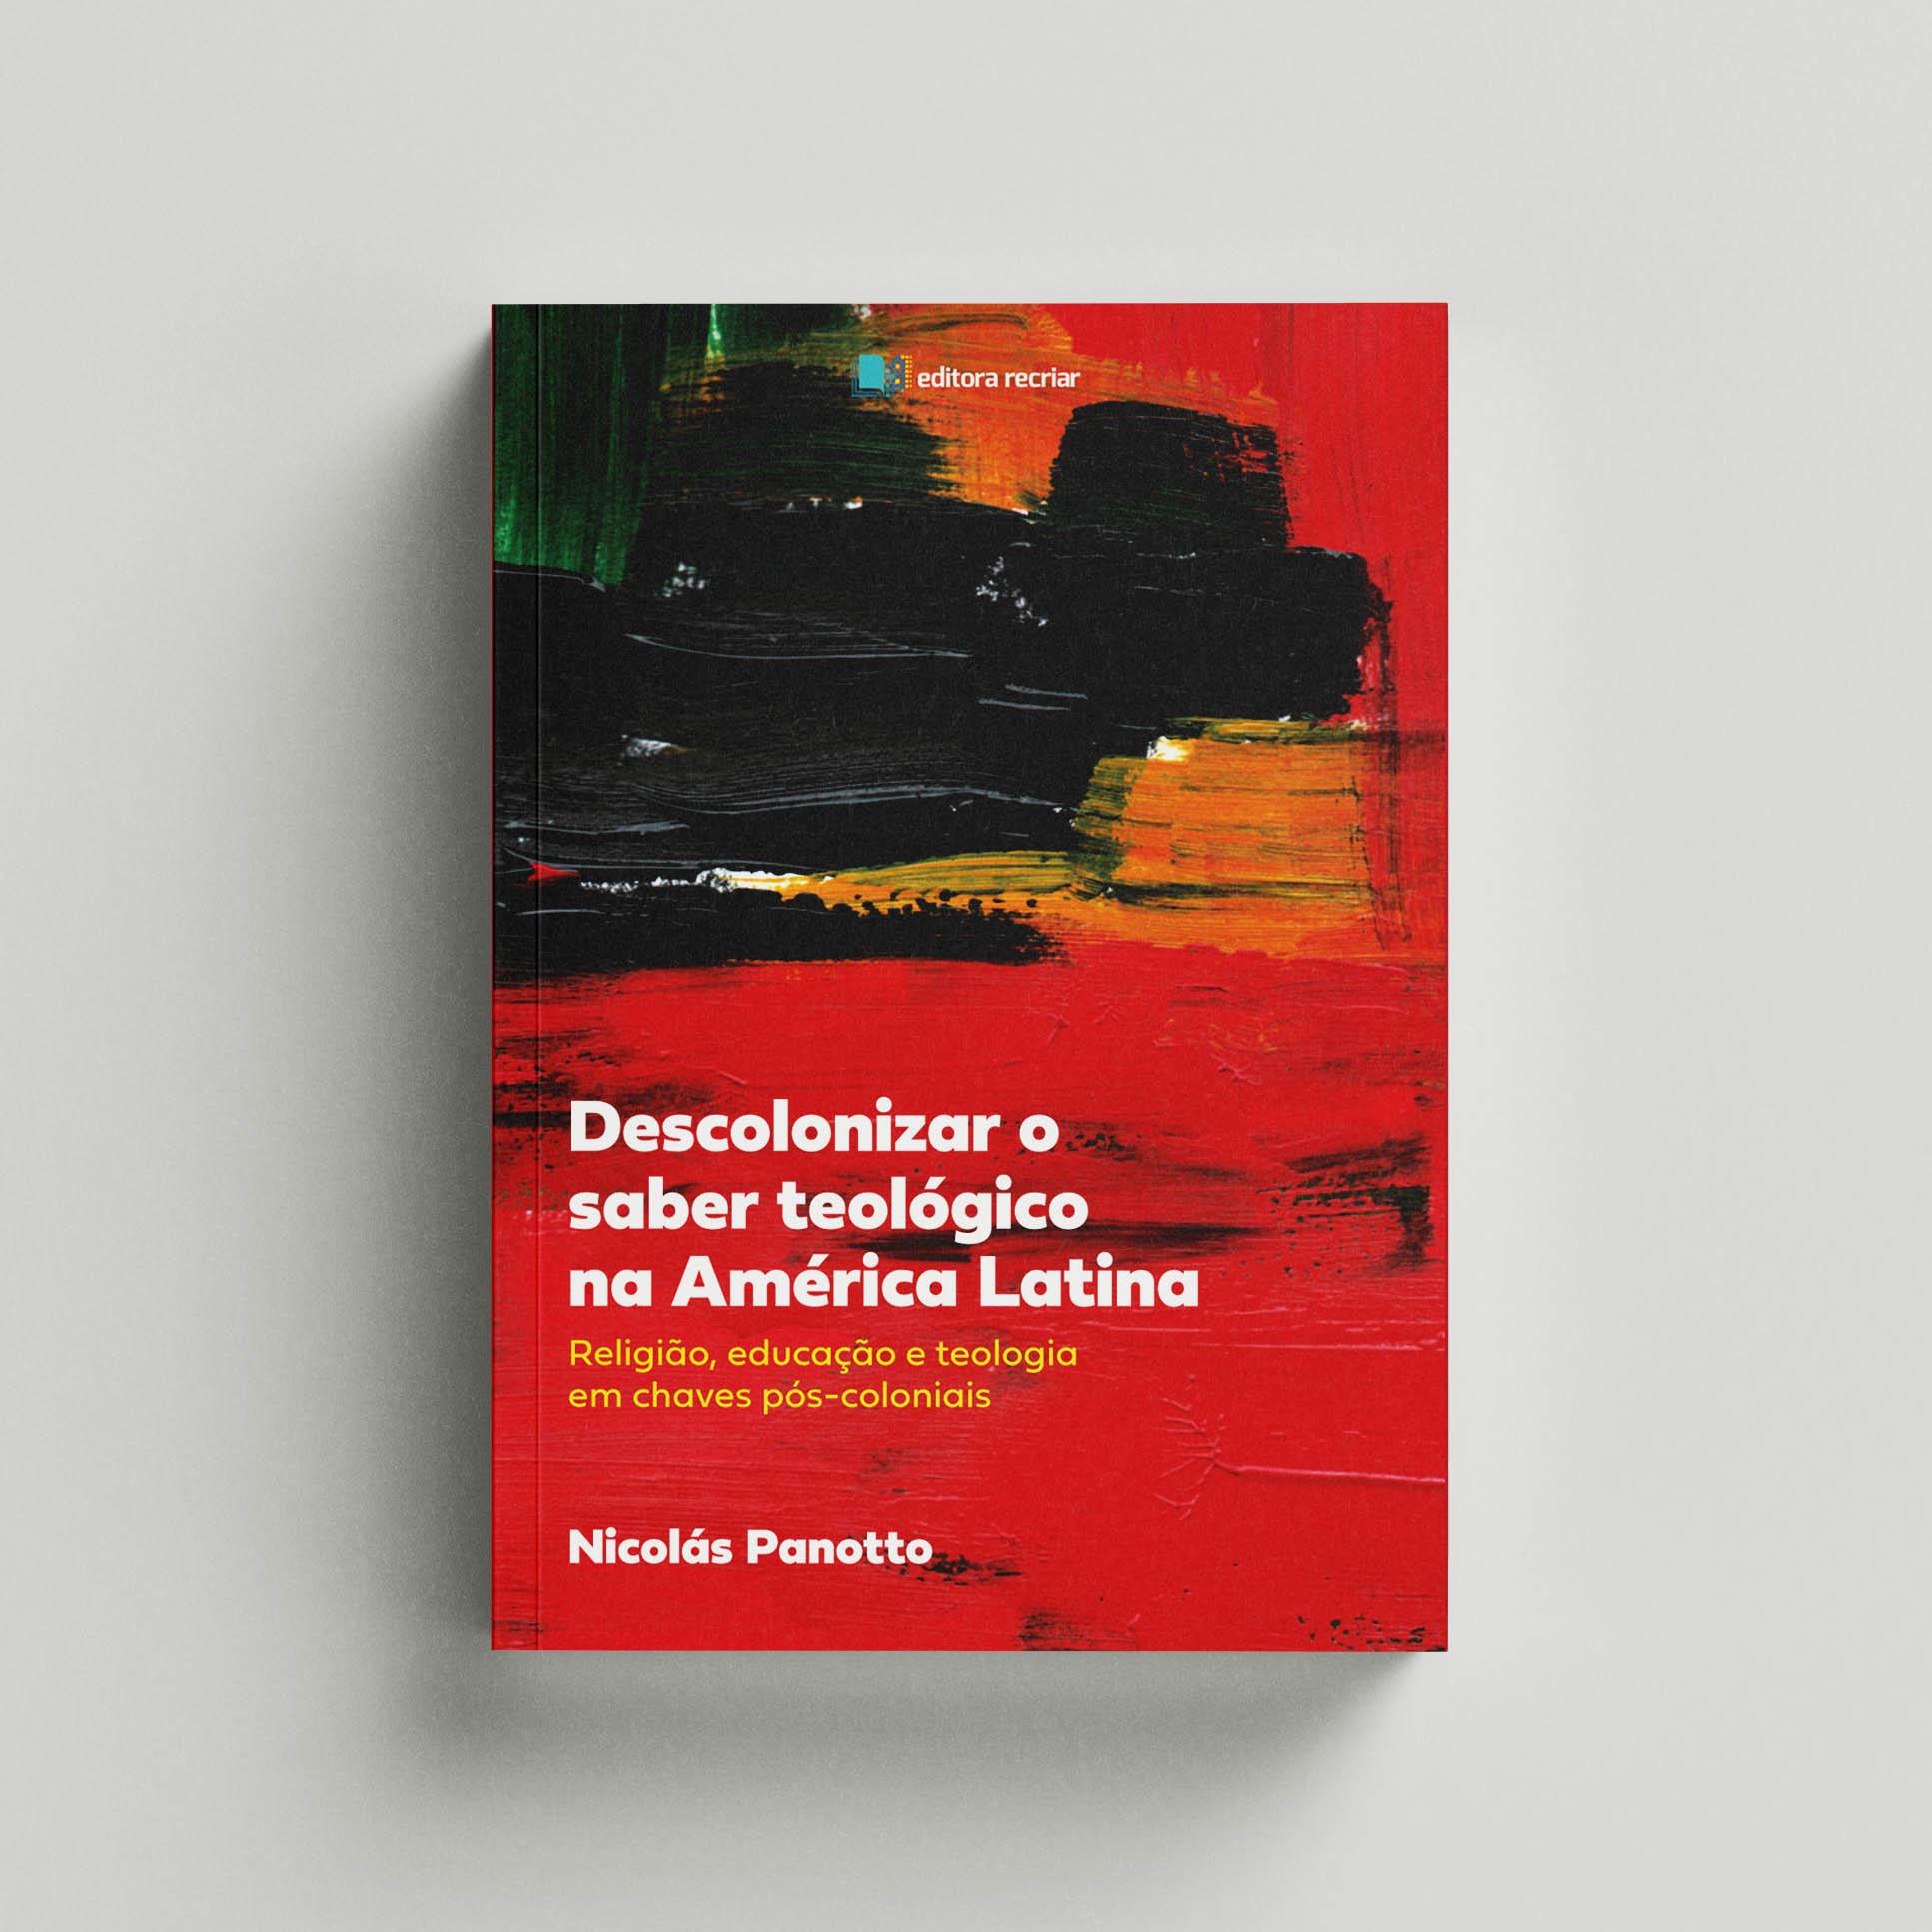 Descolonizar o saber teológico na América Latina - Nicolás Panotto